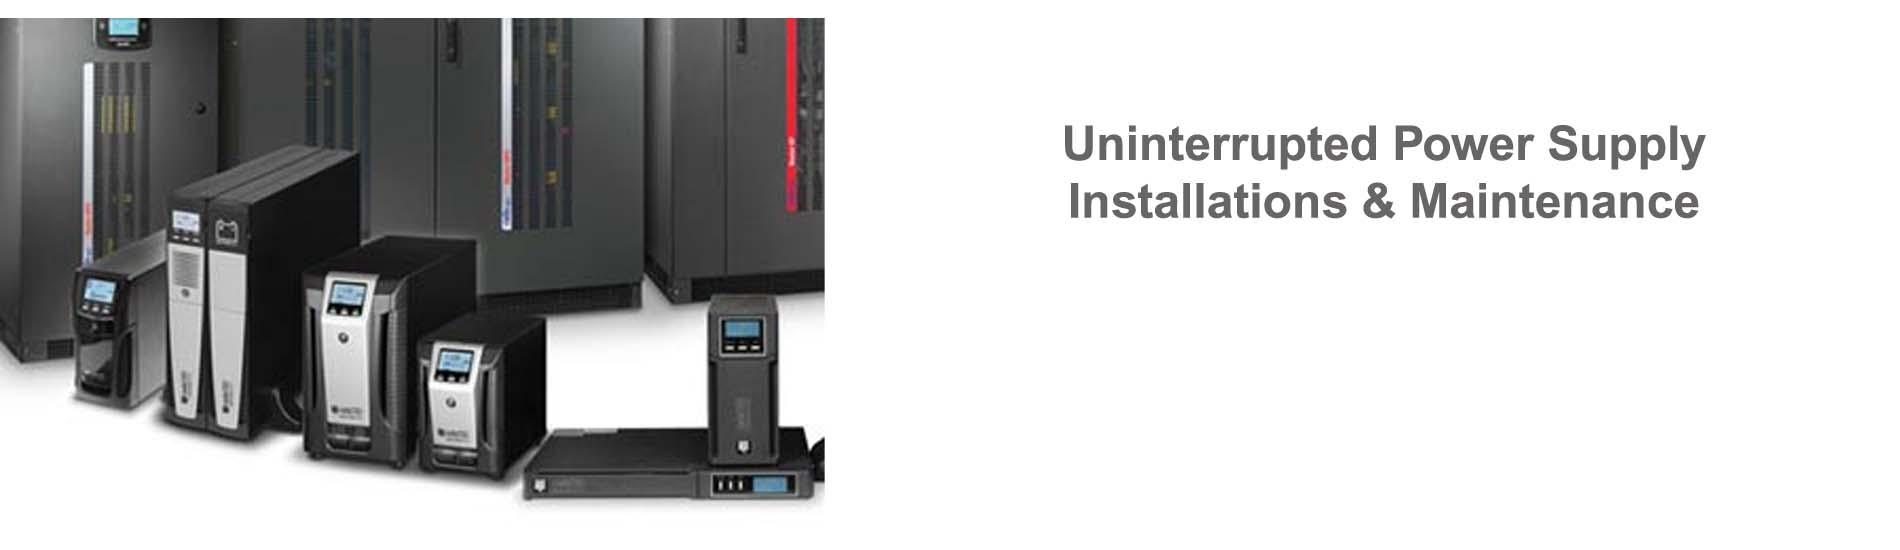 UPS Installations